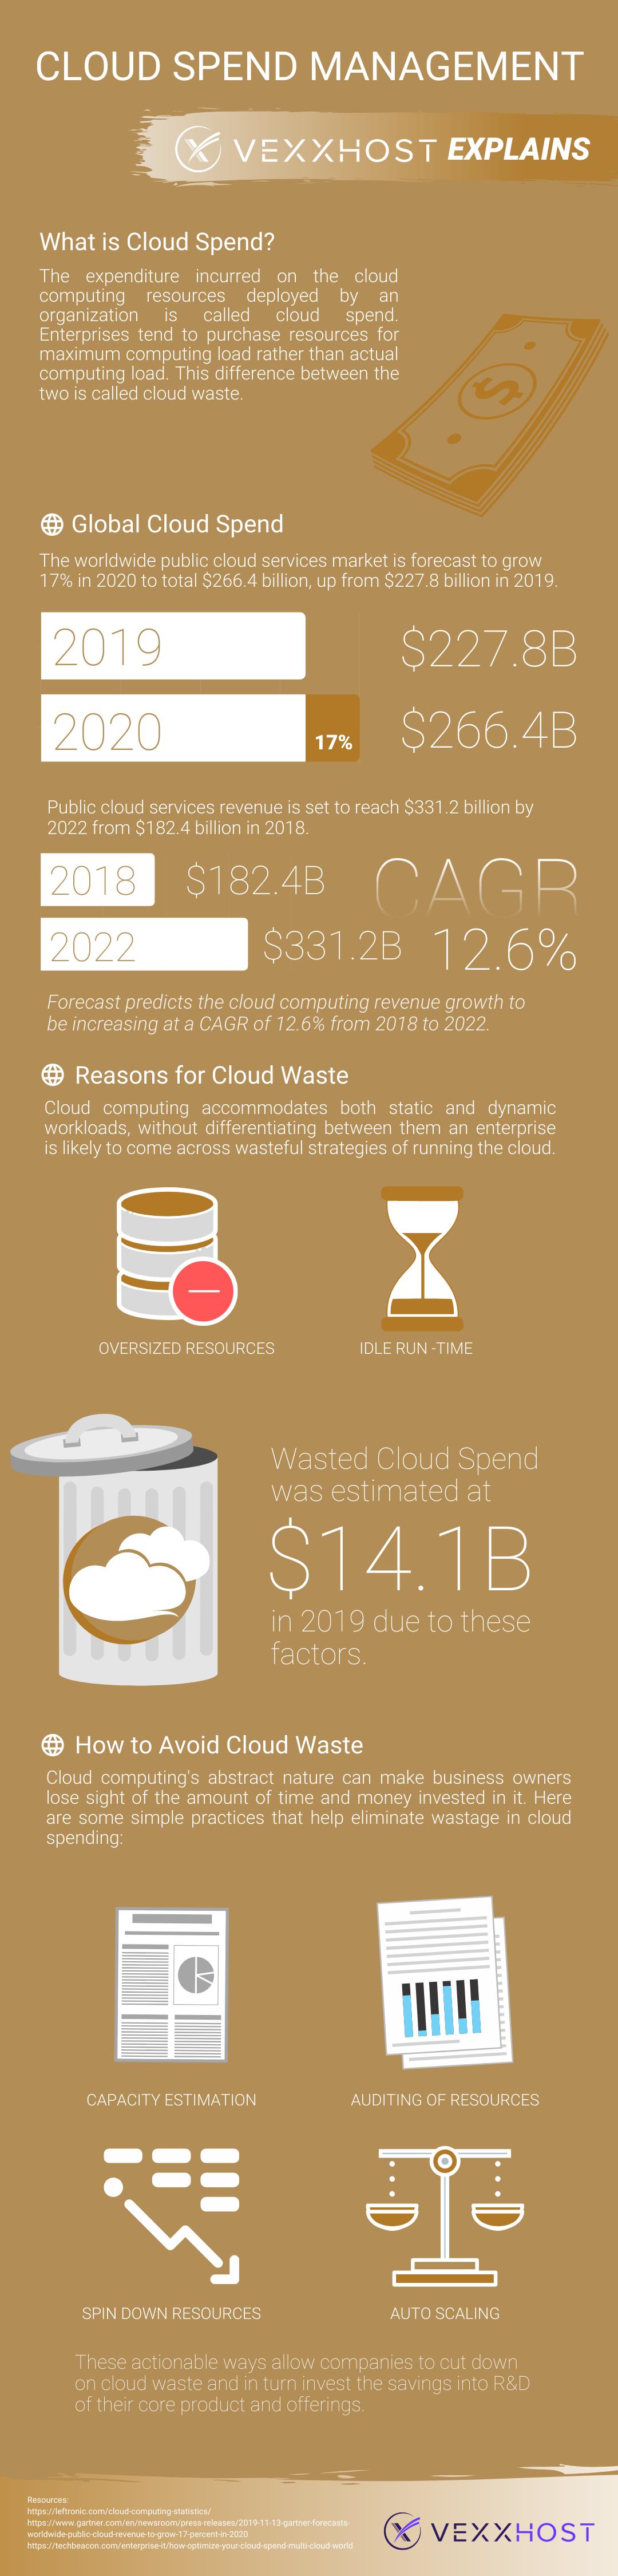 cloud waste